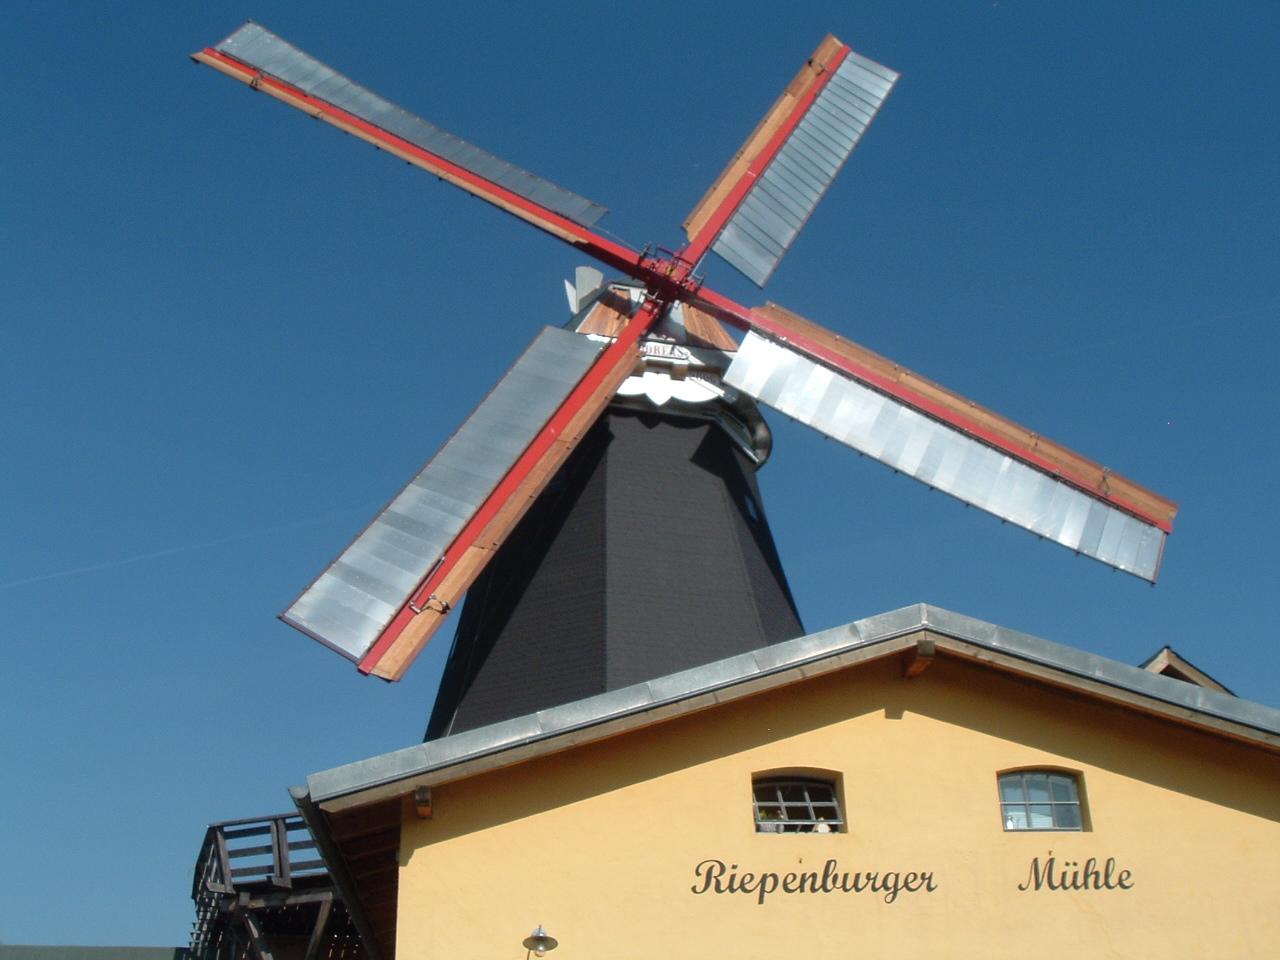 Bild Riepenburger Mühle